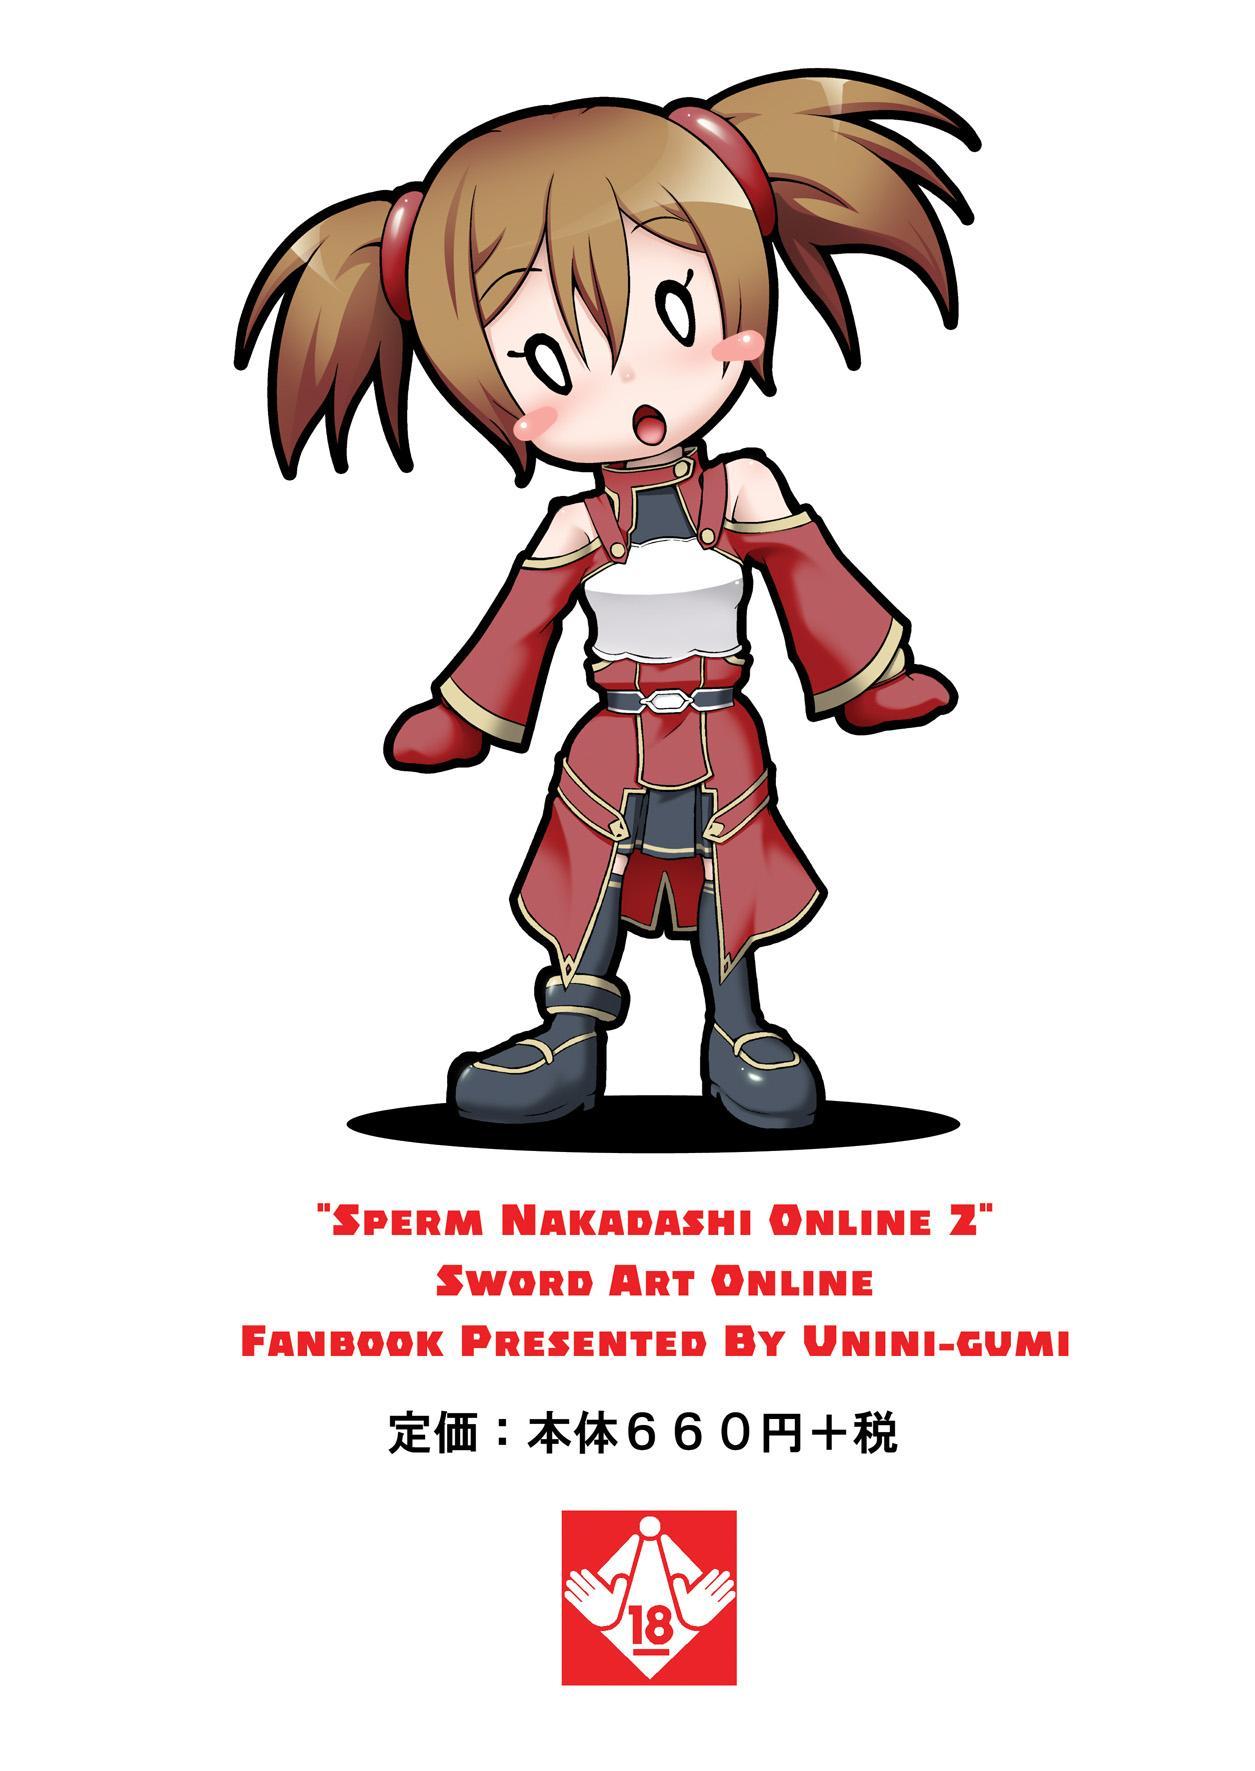 Sperm Nakadashi Online 2 15